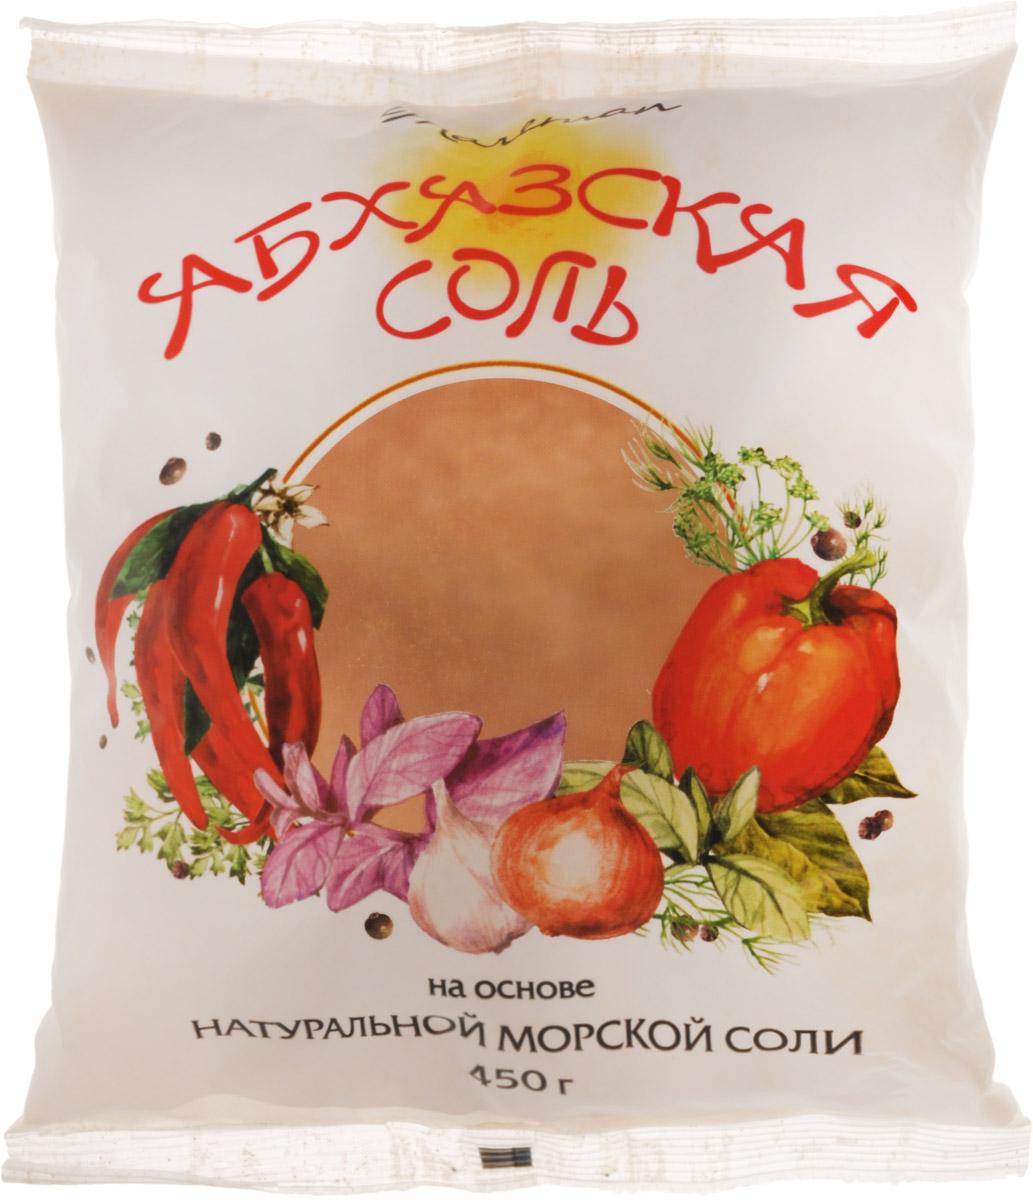 Mareman соль Абхазская, 450 г0120710Аджика в переводе с абхазского означает соль, сами же абхазы называют эту приправу апырпыл-джика (перечная соль) или аджиктцатца), то есть соль, перетертая с чем-то.Ее появление связывают с абхазскими чабанами, когда весной угонялись отары в горы, хозяева выдавали чабанам соль для добавки в питание только лишь овцам. После приема пищи с солью овцы, томимые жаждой, ели травы намного больше и быстрее набирали в весе.В те давние времена соль была дорогим товаром, и хозяева отар специально подмешивали в нее красный жгучий перец, чтобы чабаны не присыпали ей свою еду.После чего соль теряла свой первоначальный вид, однако это не помешало чабанам использовать ее в качестве ароматной приправы, добавив чеснок, кинзу, хмели-сунели и прочие пряности.Традиционная аджика, приготовленная по старинным рецептам, с добавлением натуральной морской соли подарила нашему столу абхазскую соль.Уважаемые клиенты! Обращаем ваше внимание, что полный перечень состава продукта представлен на дополнительном изображении.